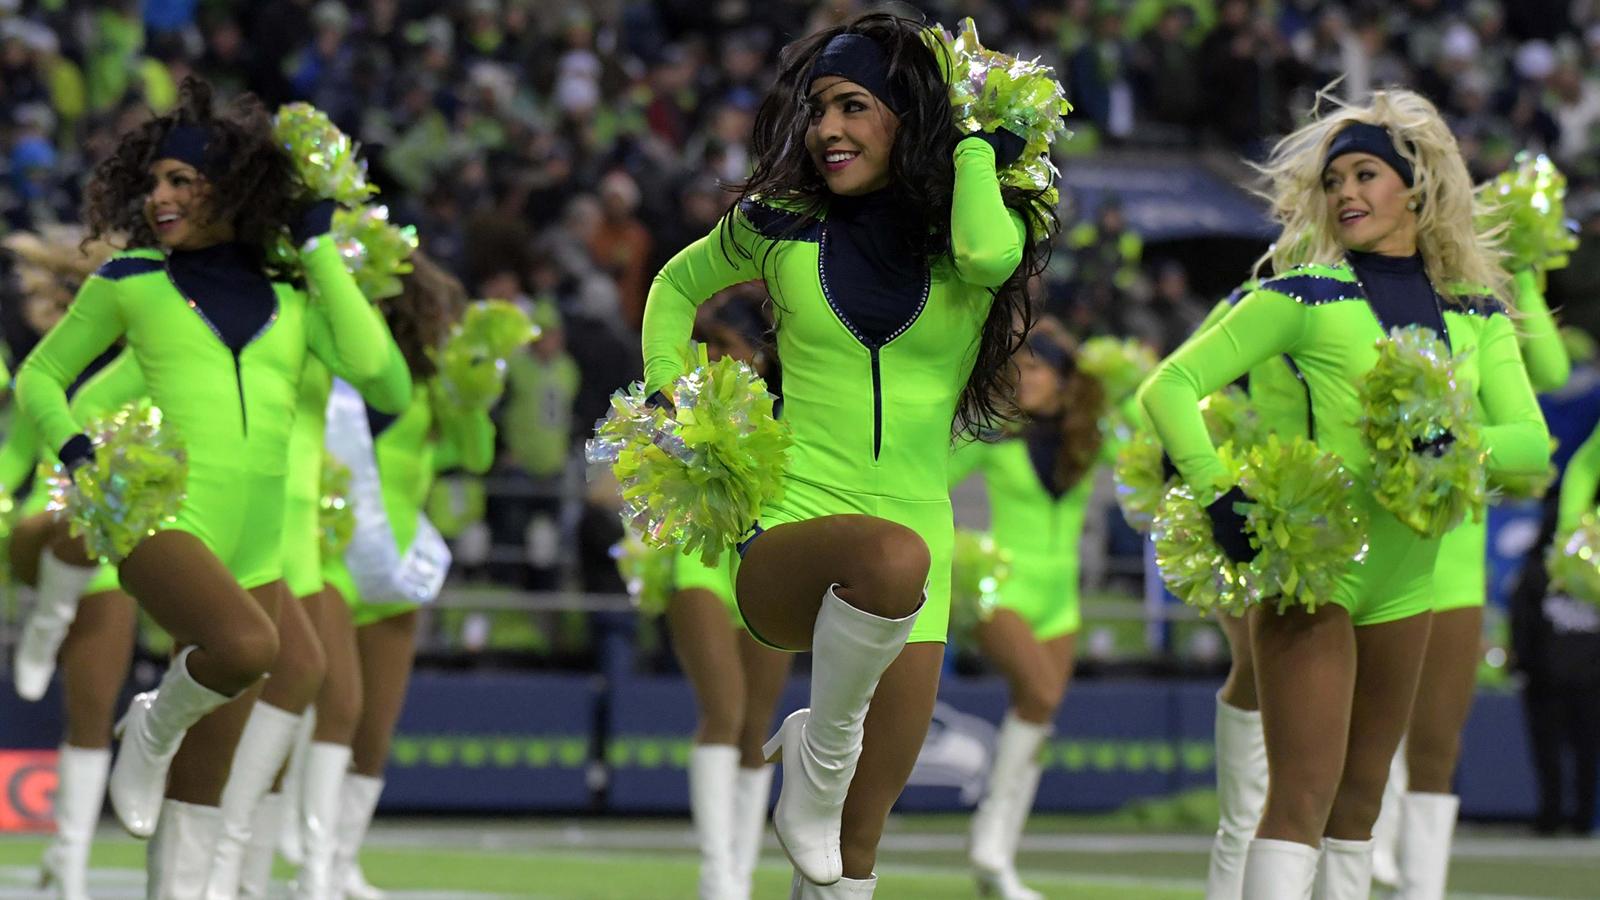 121916-nfl-cheerleaders-seahawks-pi